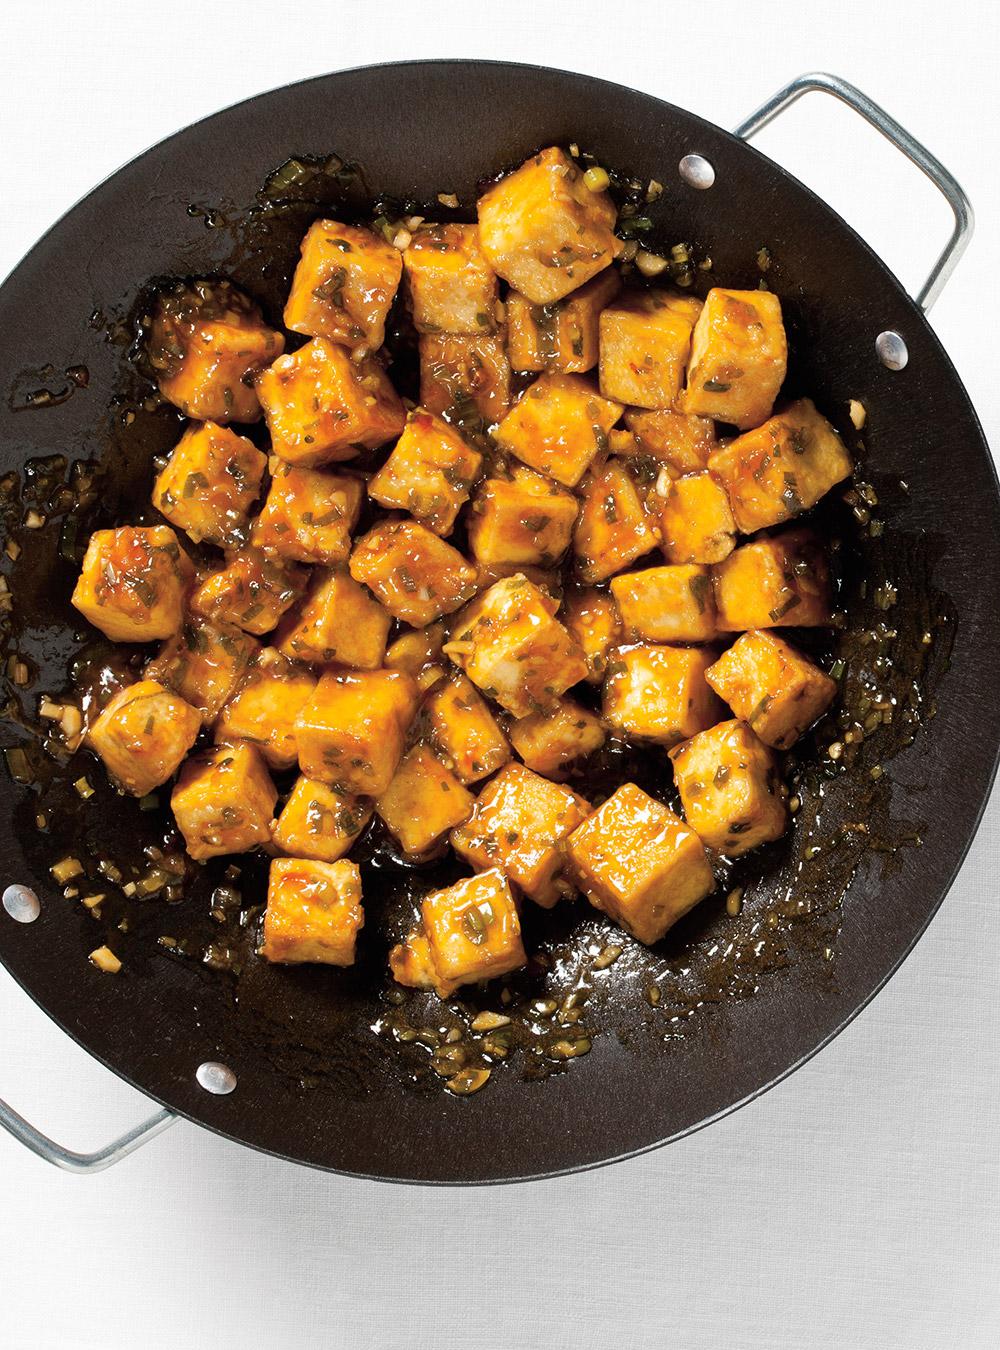 Tofu général tao | ricardo